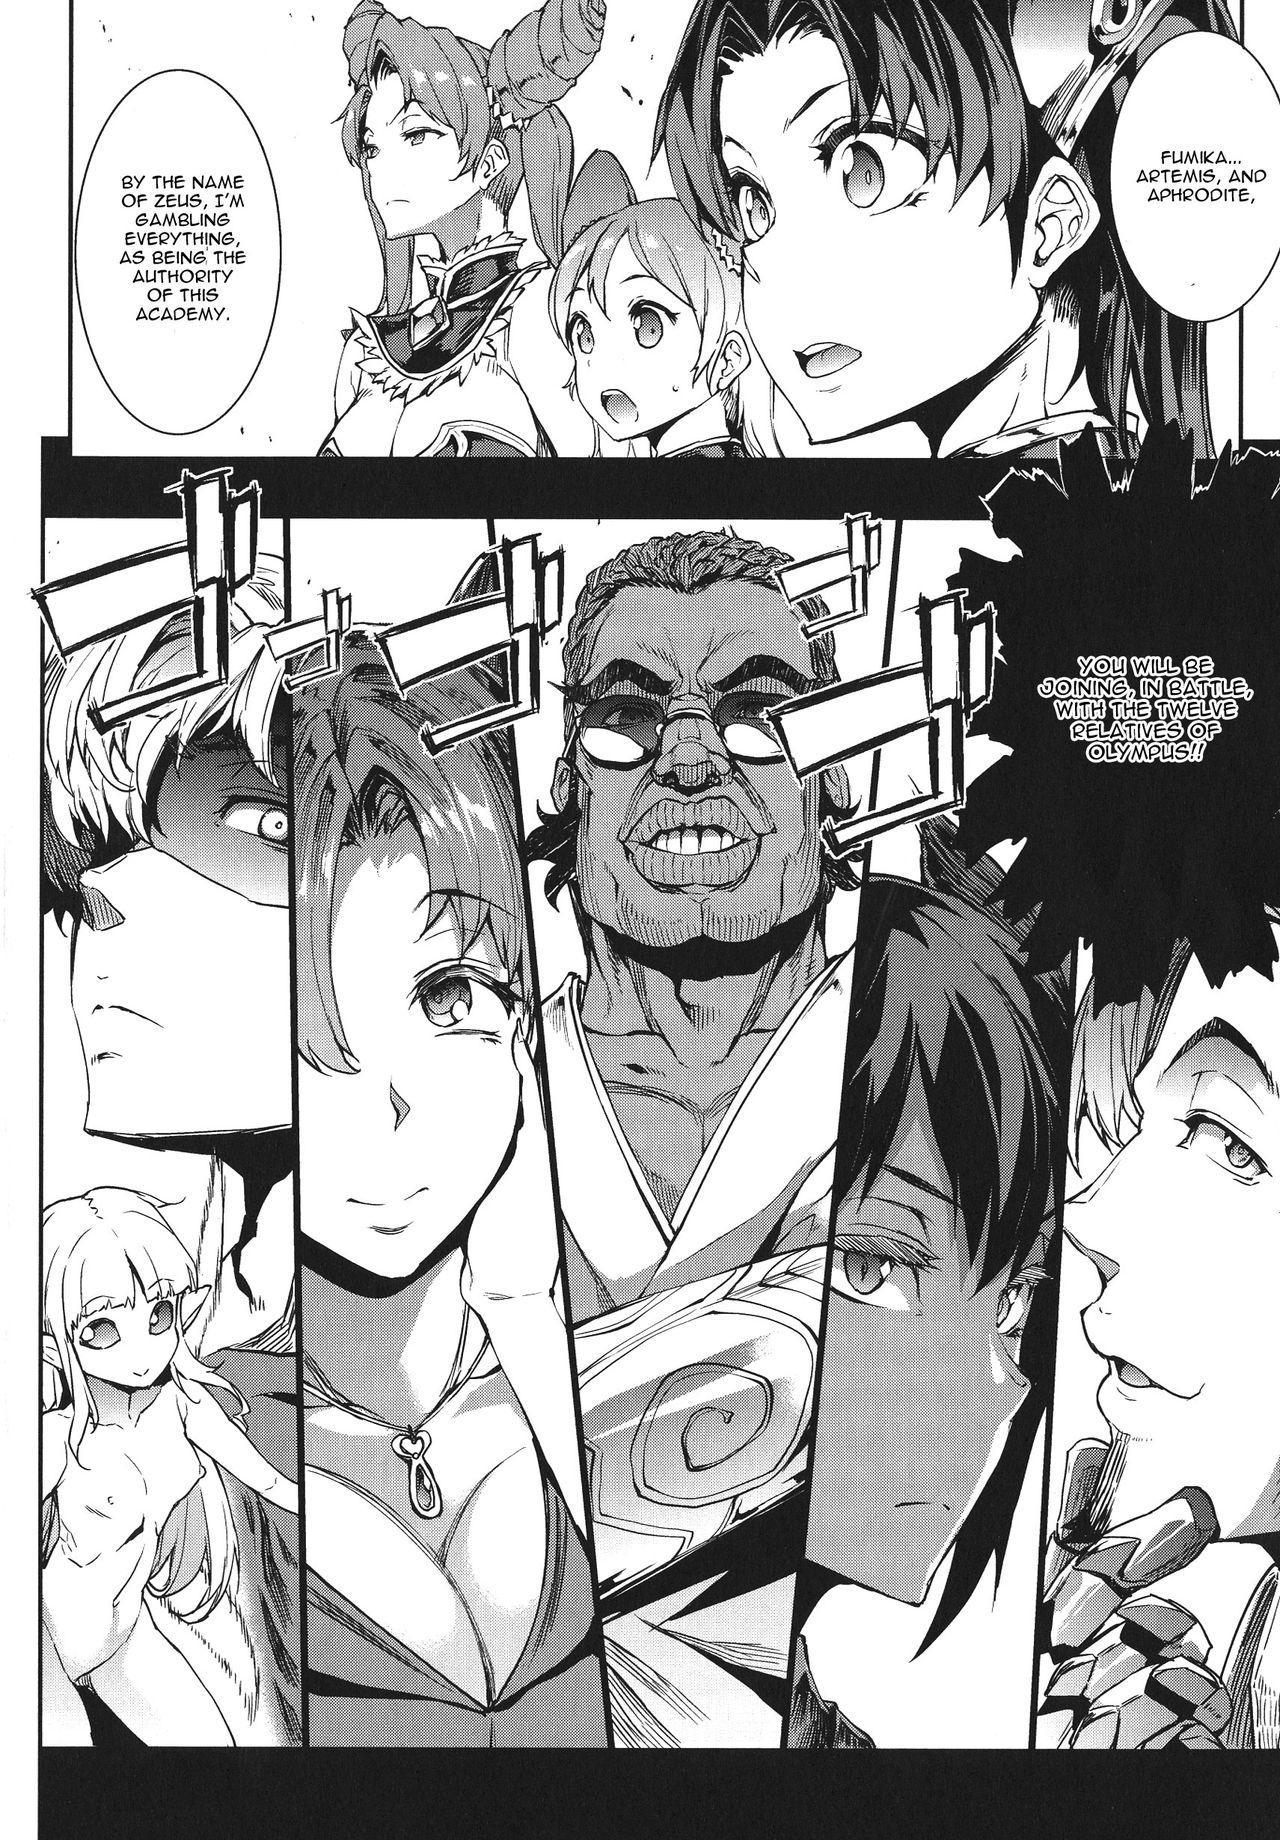 [Erect Sawaru] Raikou Shinki Igis Magia -PANDRA saga 3rd ignition- Ch. 1-7 + Medousa [English] [CGrascal] 82